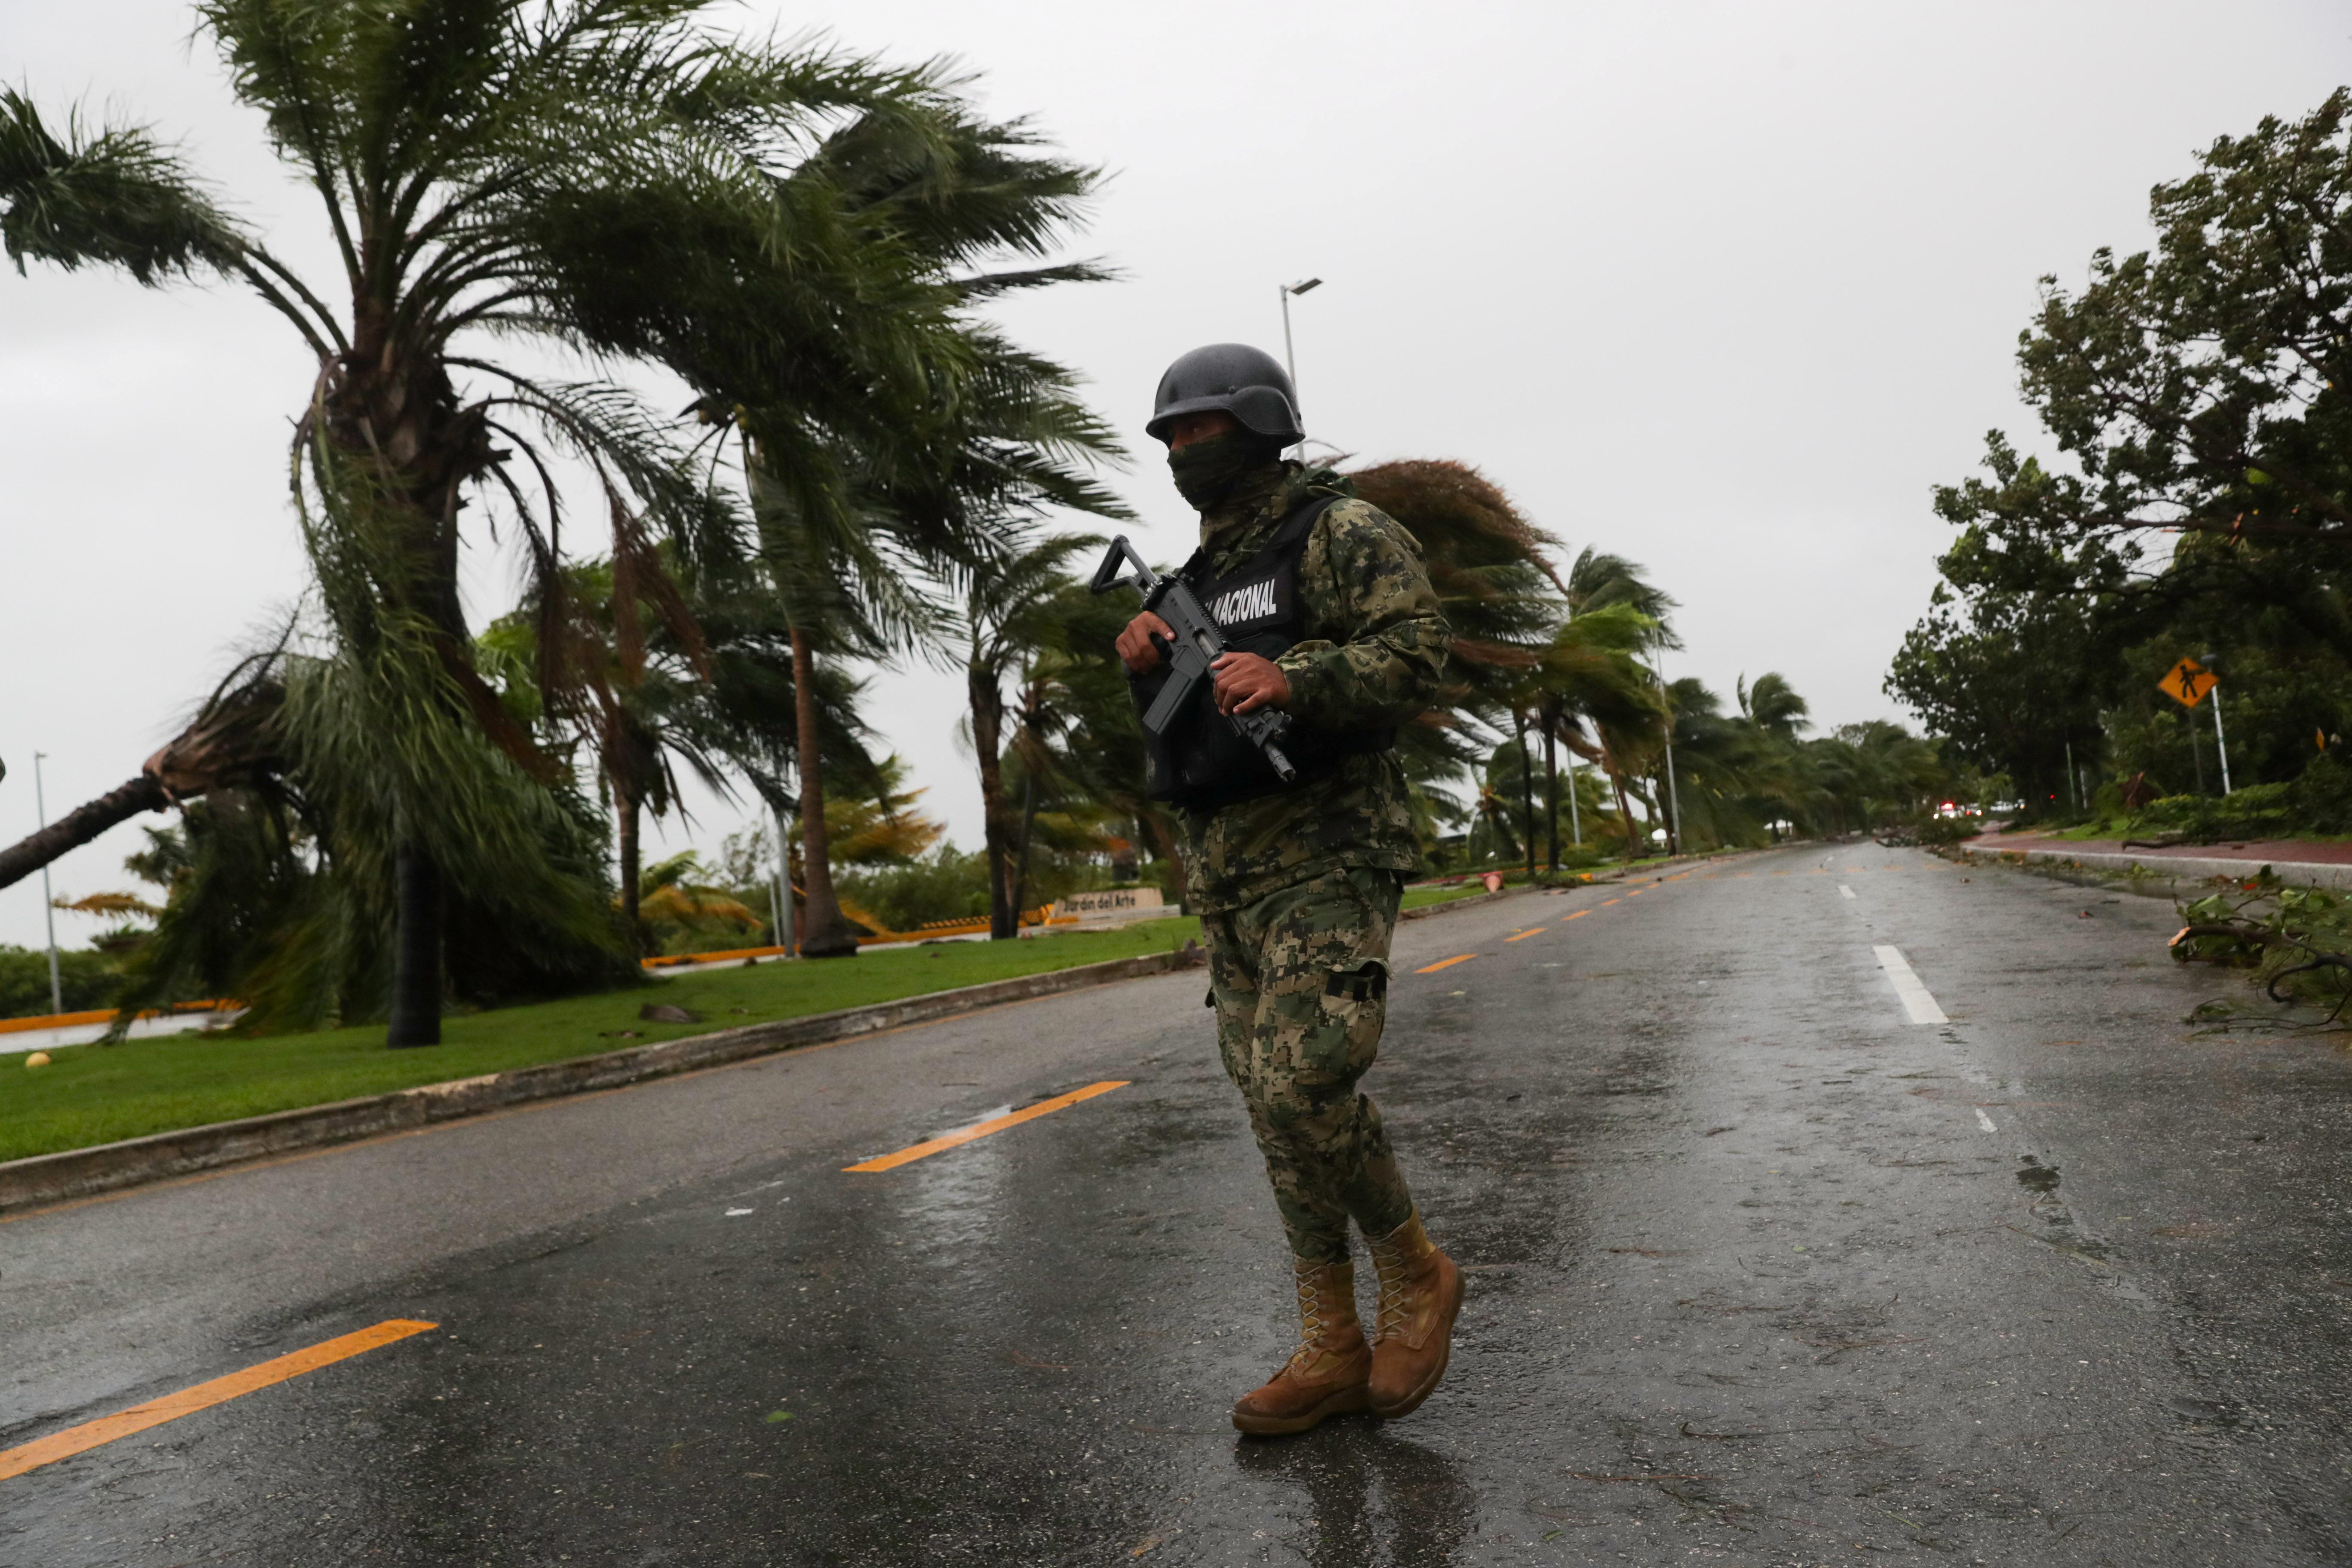 Un soldado hace guardia a lo largo de una avenida de Tulum después del paso del huracán Delta, en el estado de Quintana Roo, en Cancún, México, el 7 de octubre de 2020.